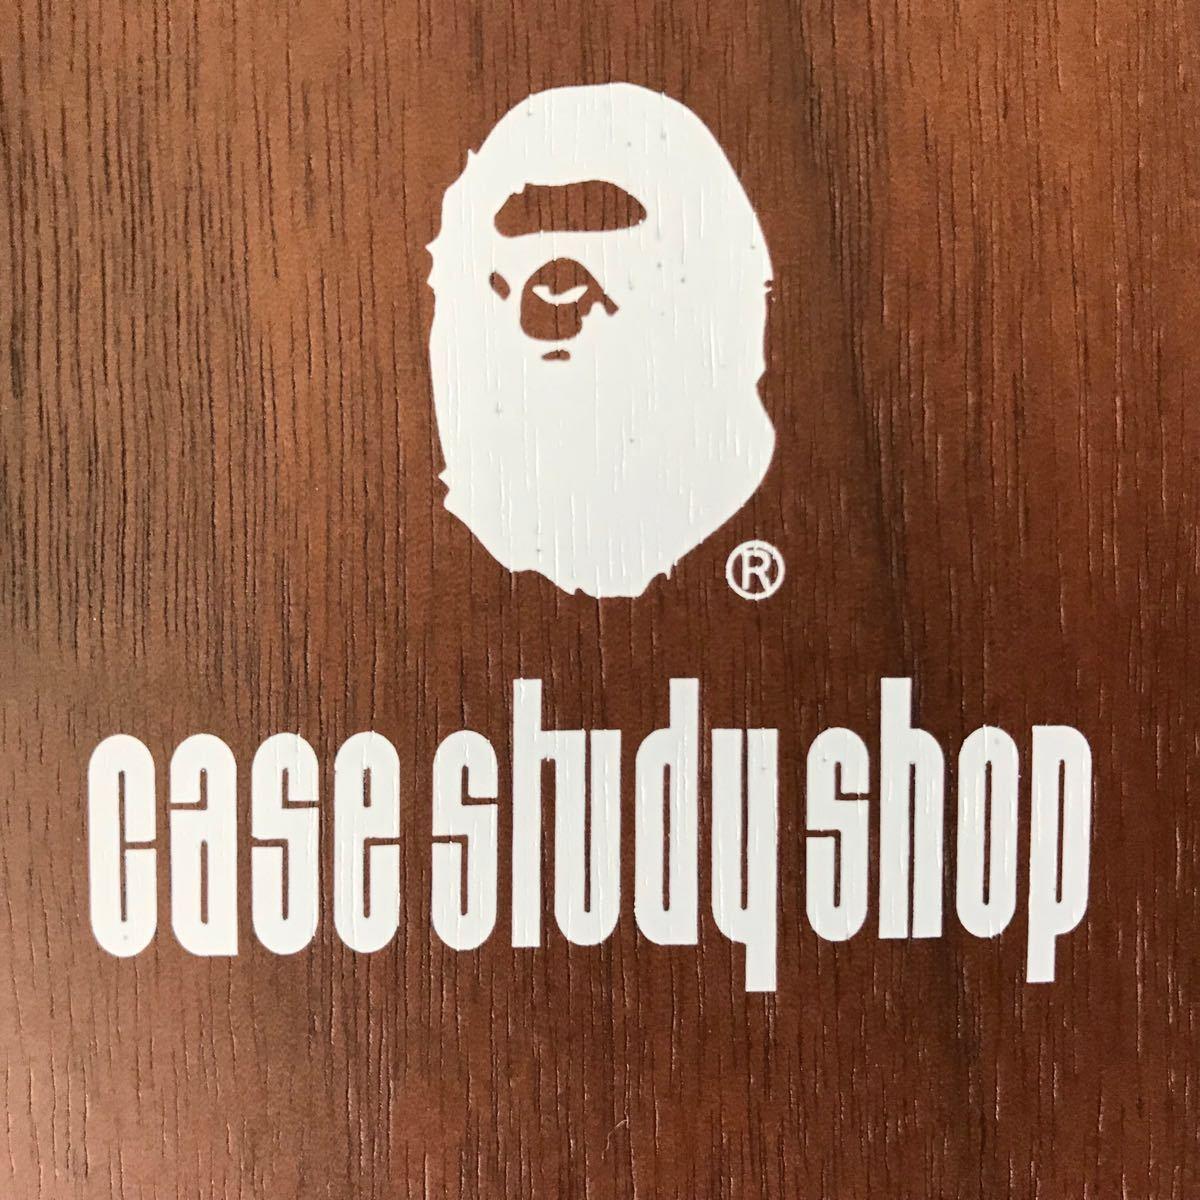 ★新品★ BAPE WALL CLOCK case study shop a bathing ape head 掛け時計 時計 エイプ ベイプ furniture MODERNICA wood nigo